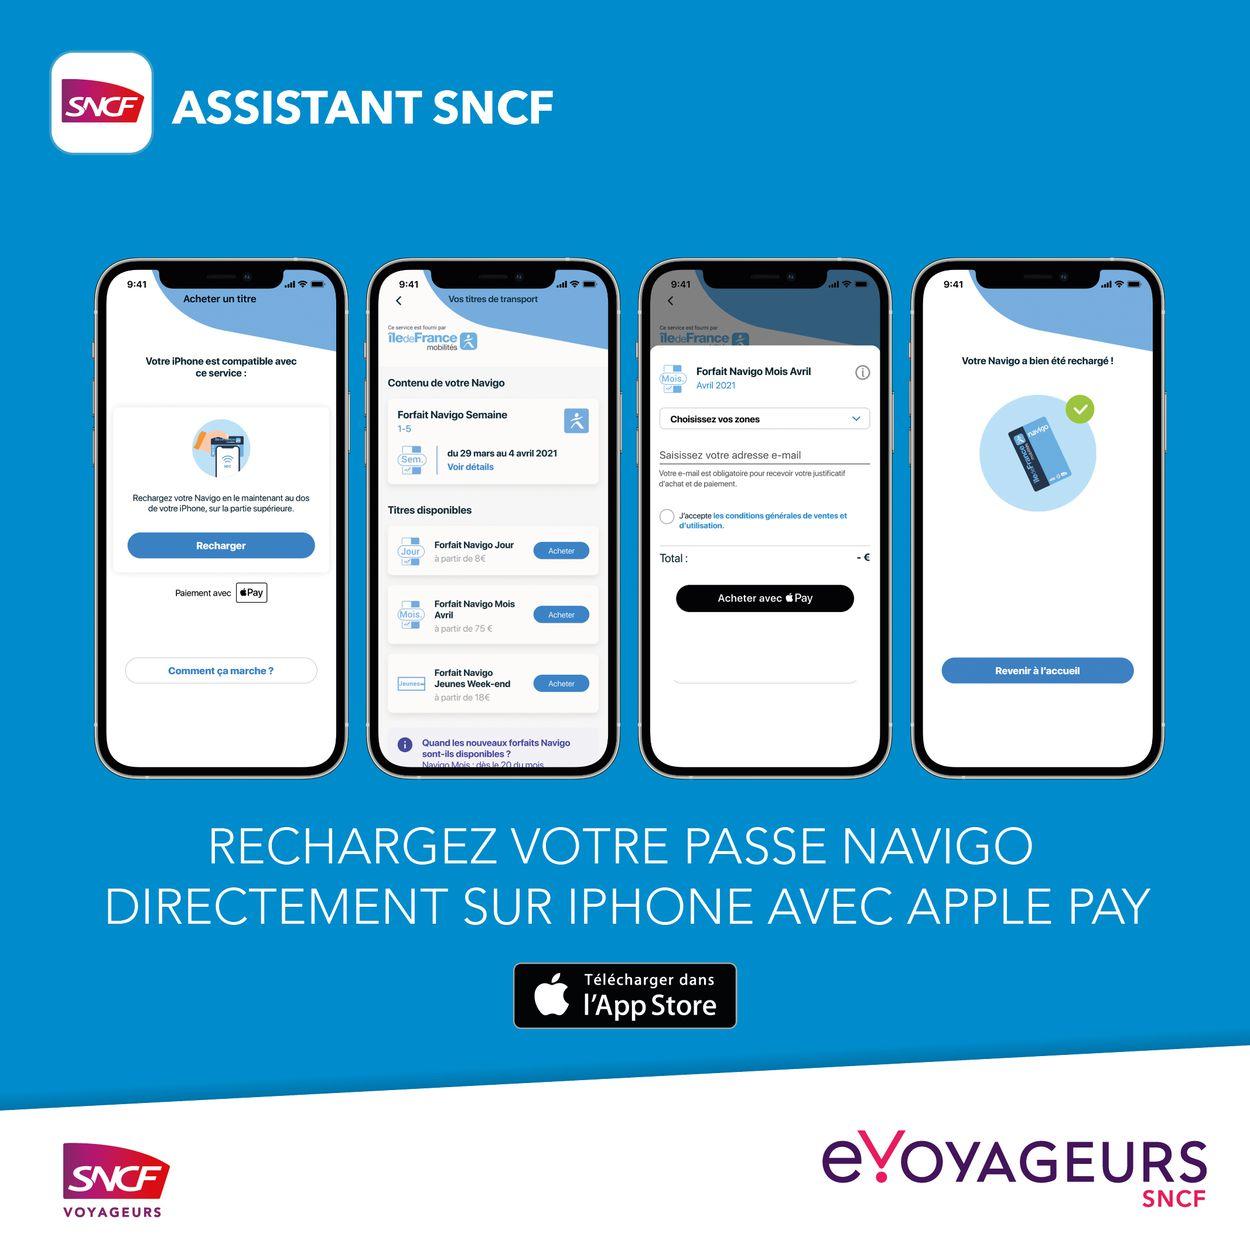 4 écrans présentant la recharge du pass Navigo sur l'Assistant SNCF depuis un iPhone